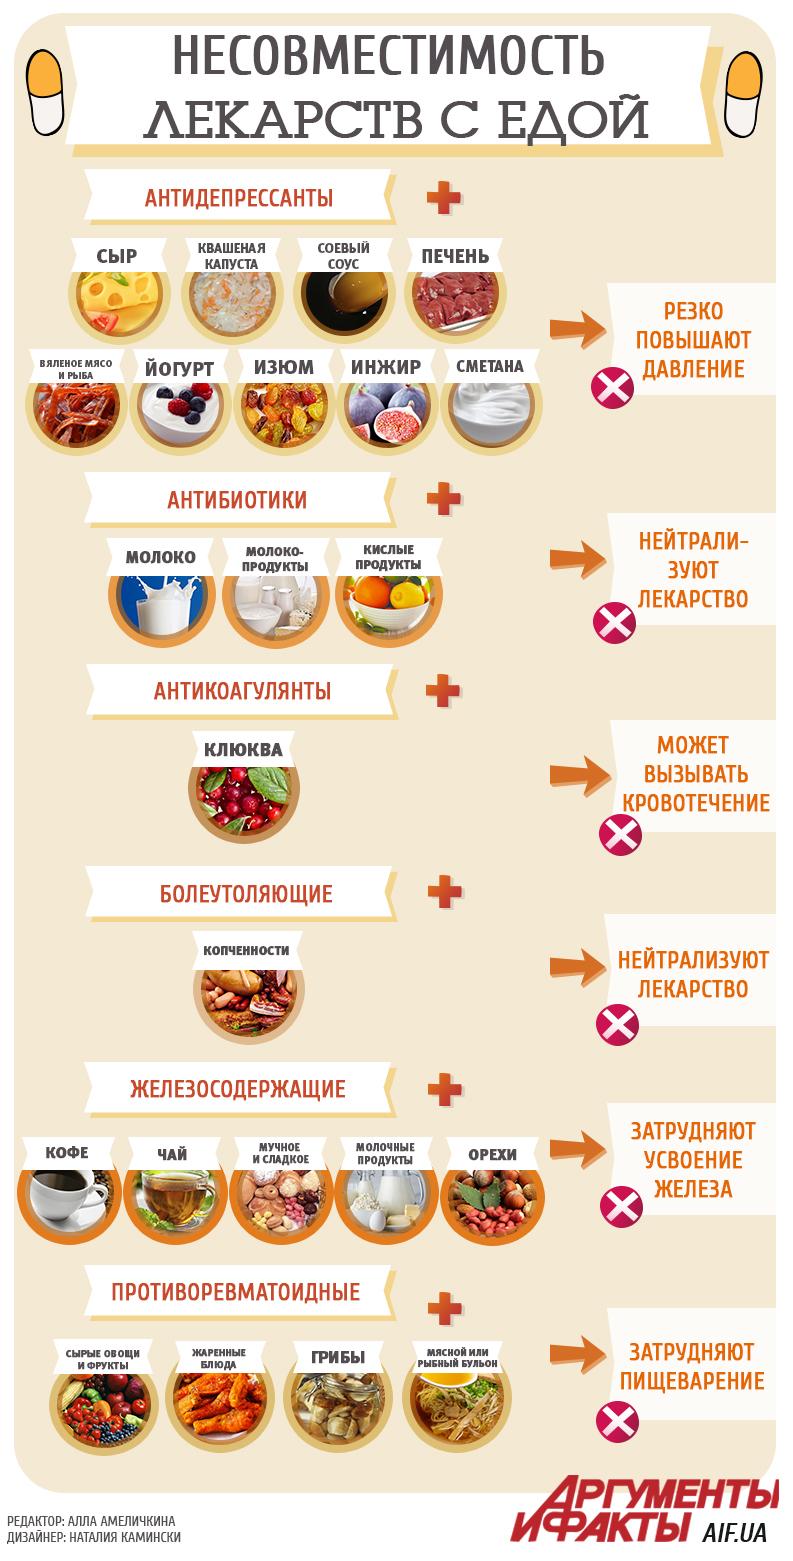 Несовместимость лекарств с едой